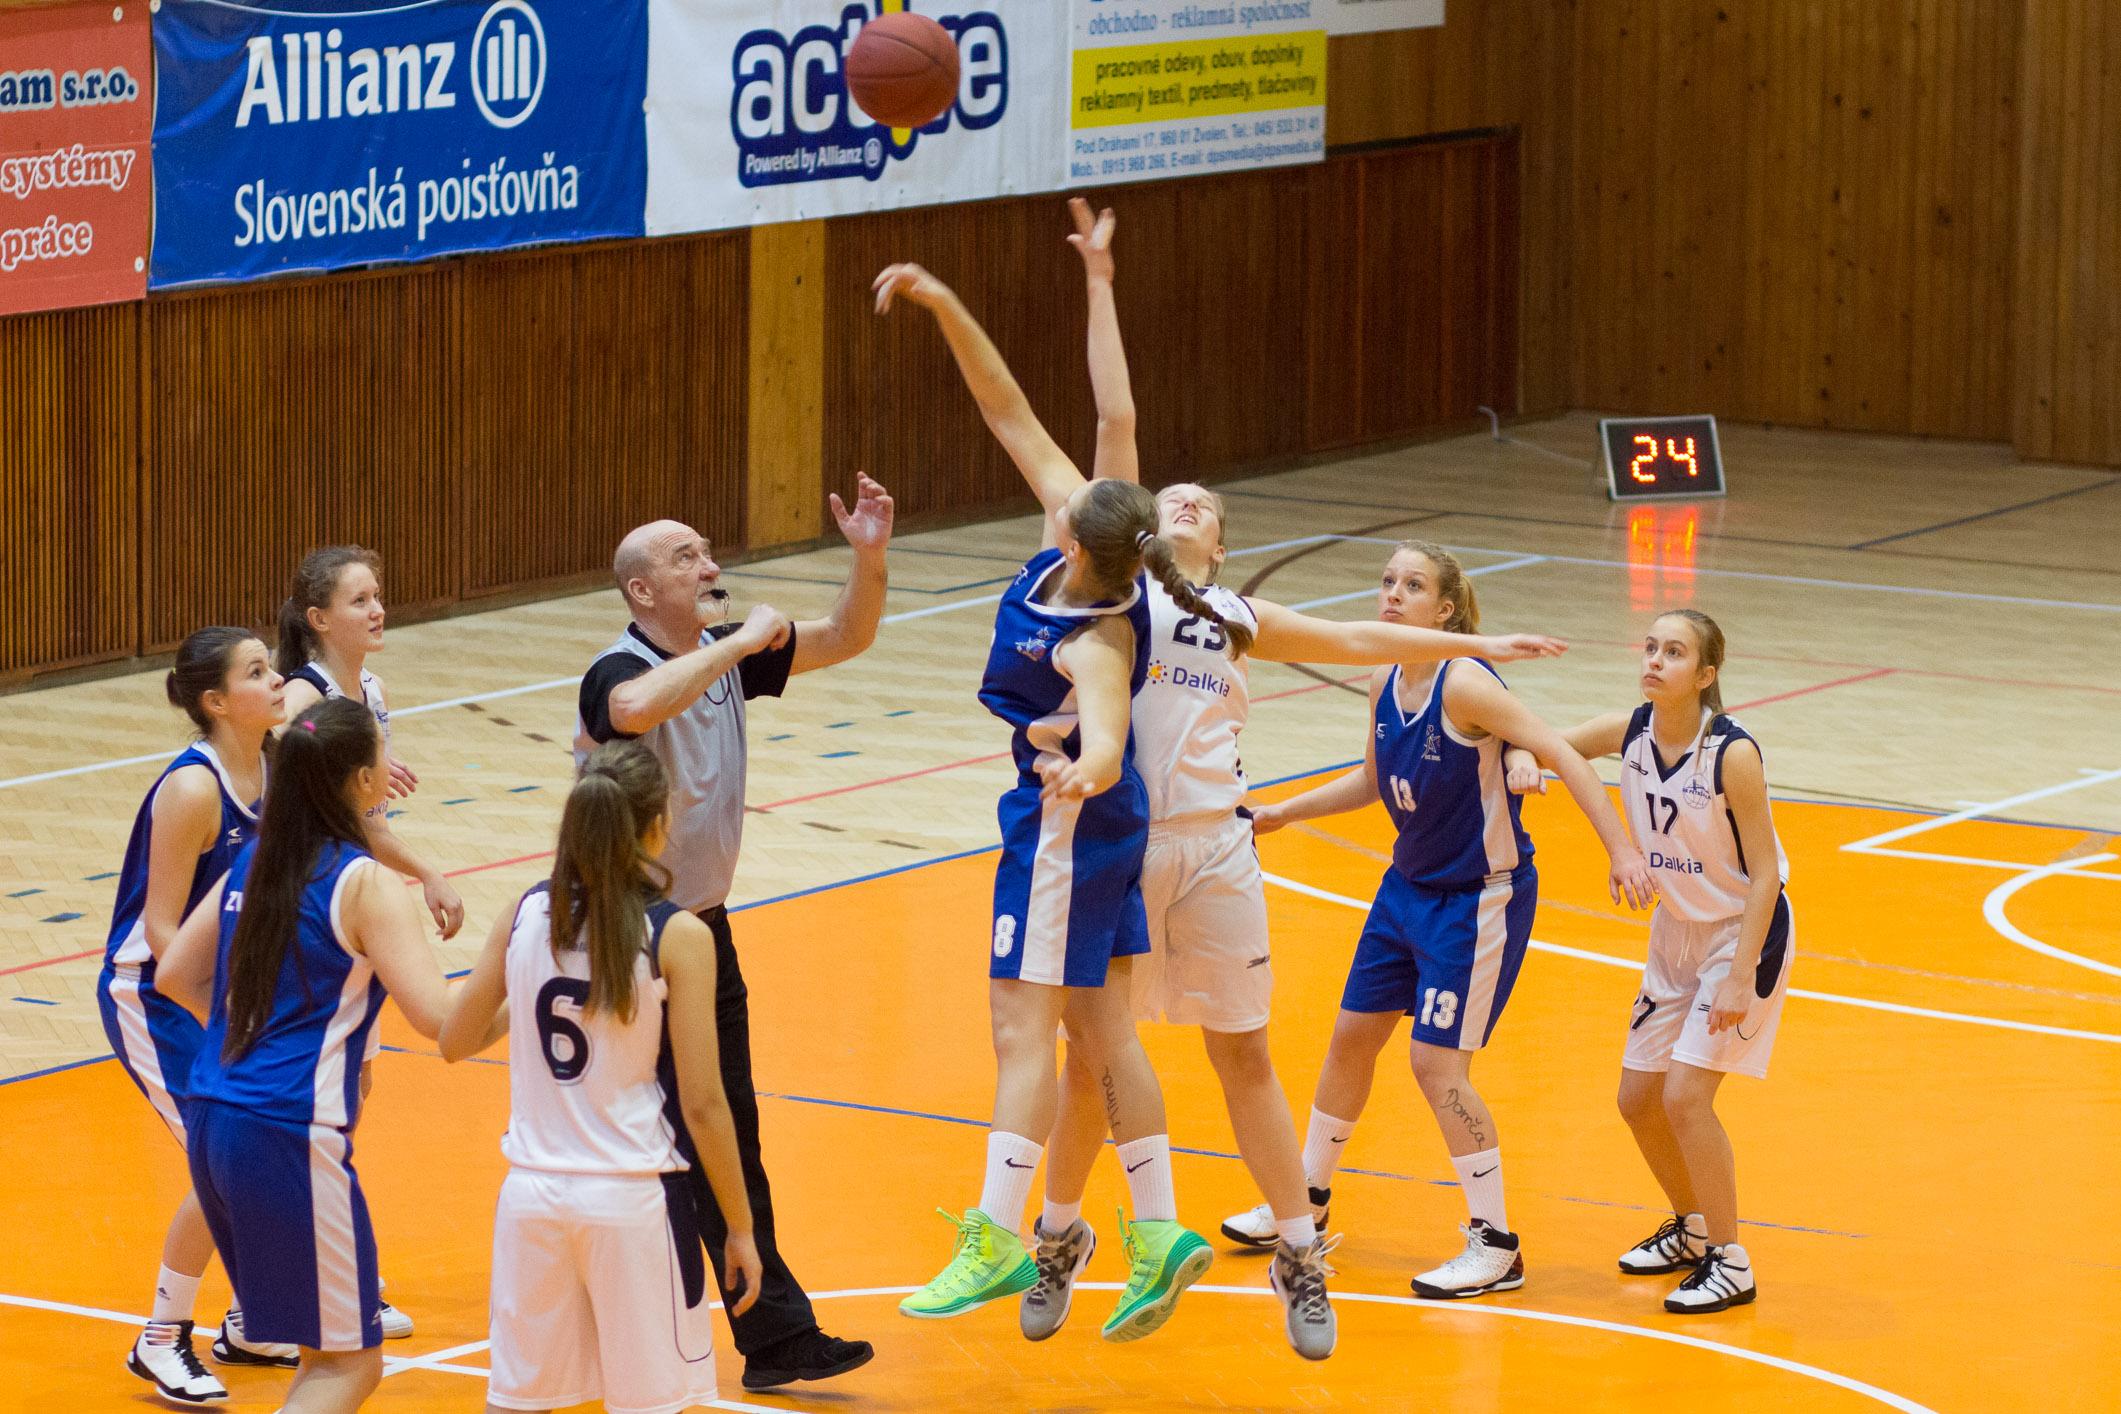 trojkralovy-basketbalovy-turnaj-2014-zvolen-12